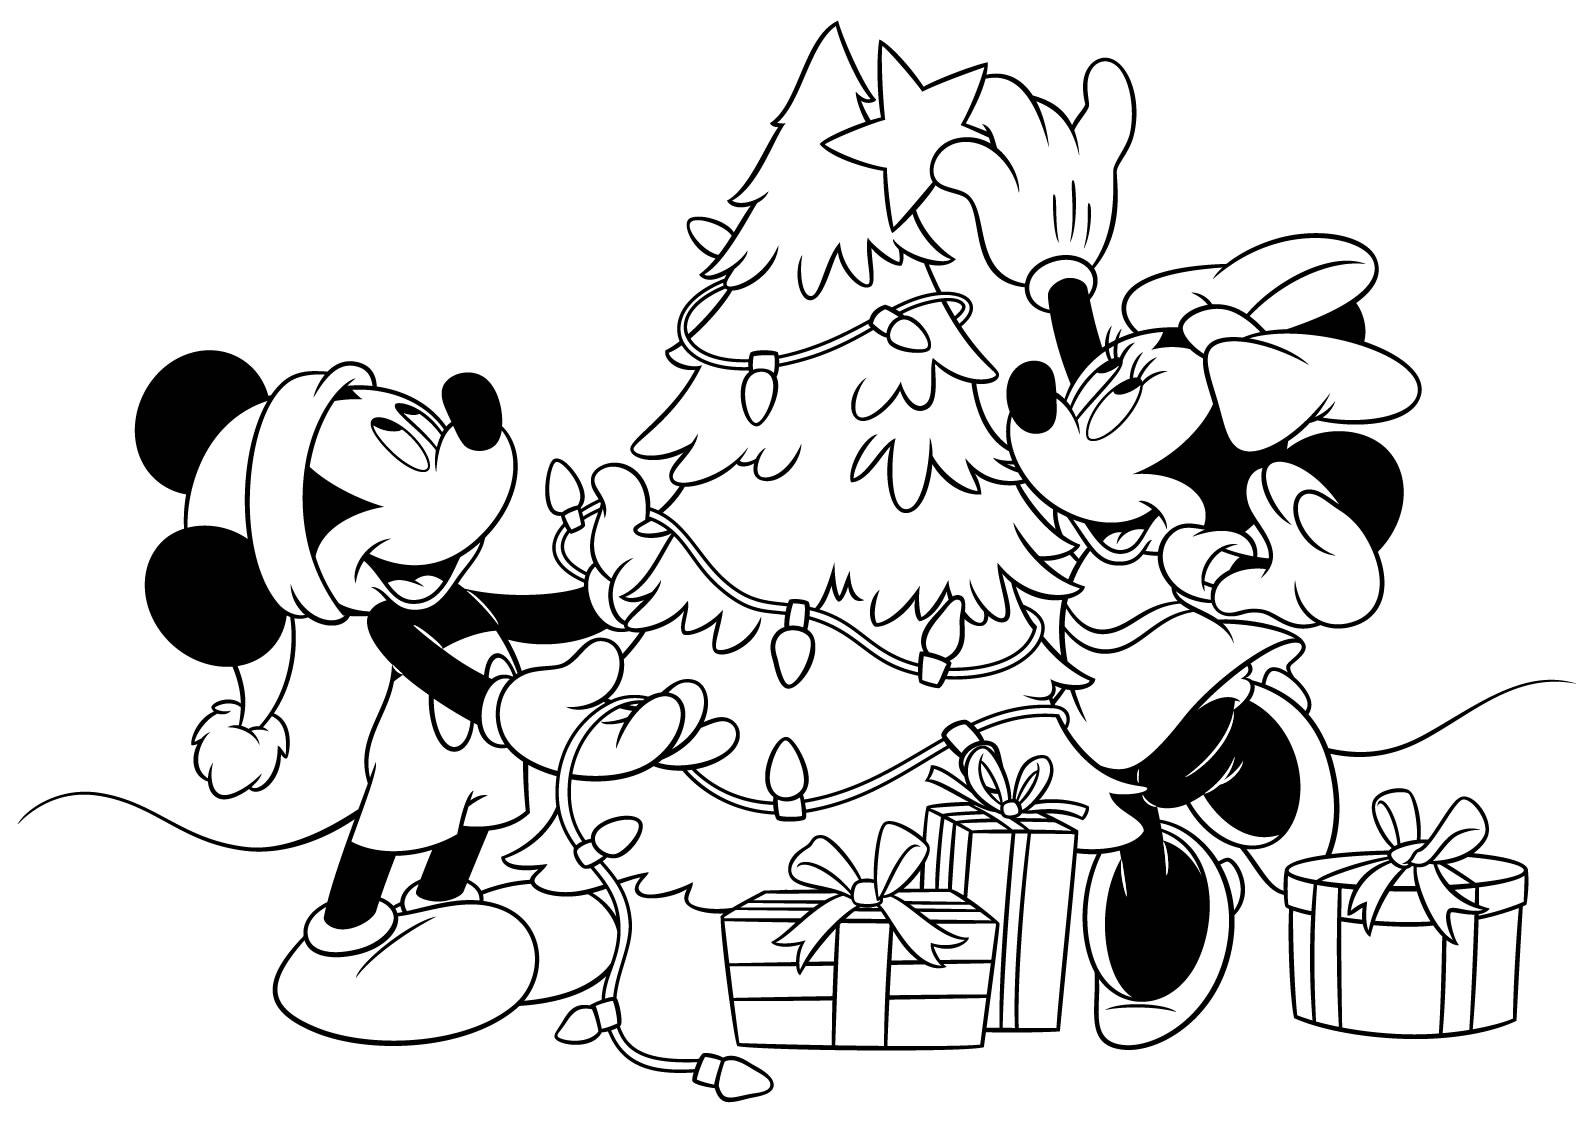 Immagini Del Natale Da Colorare.Disegni Di Natale Da Colorare Forumforyou It